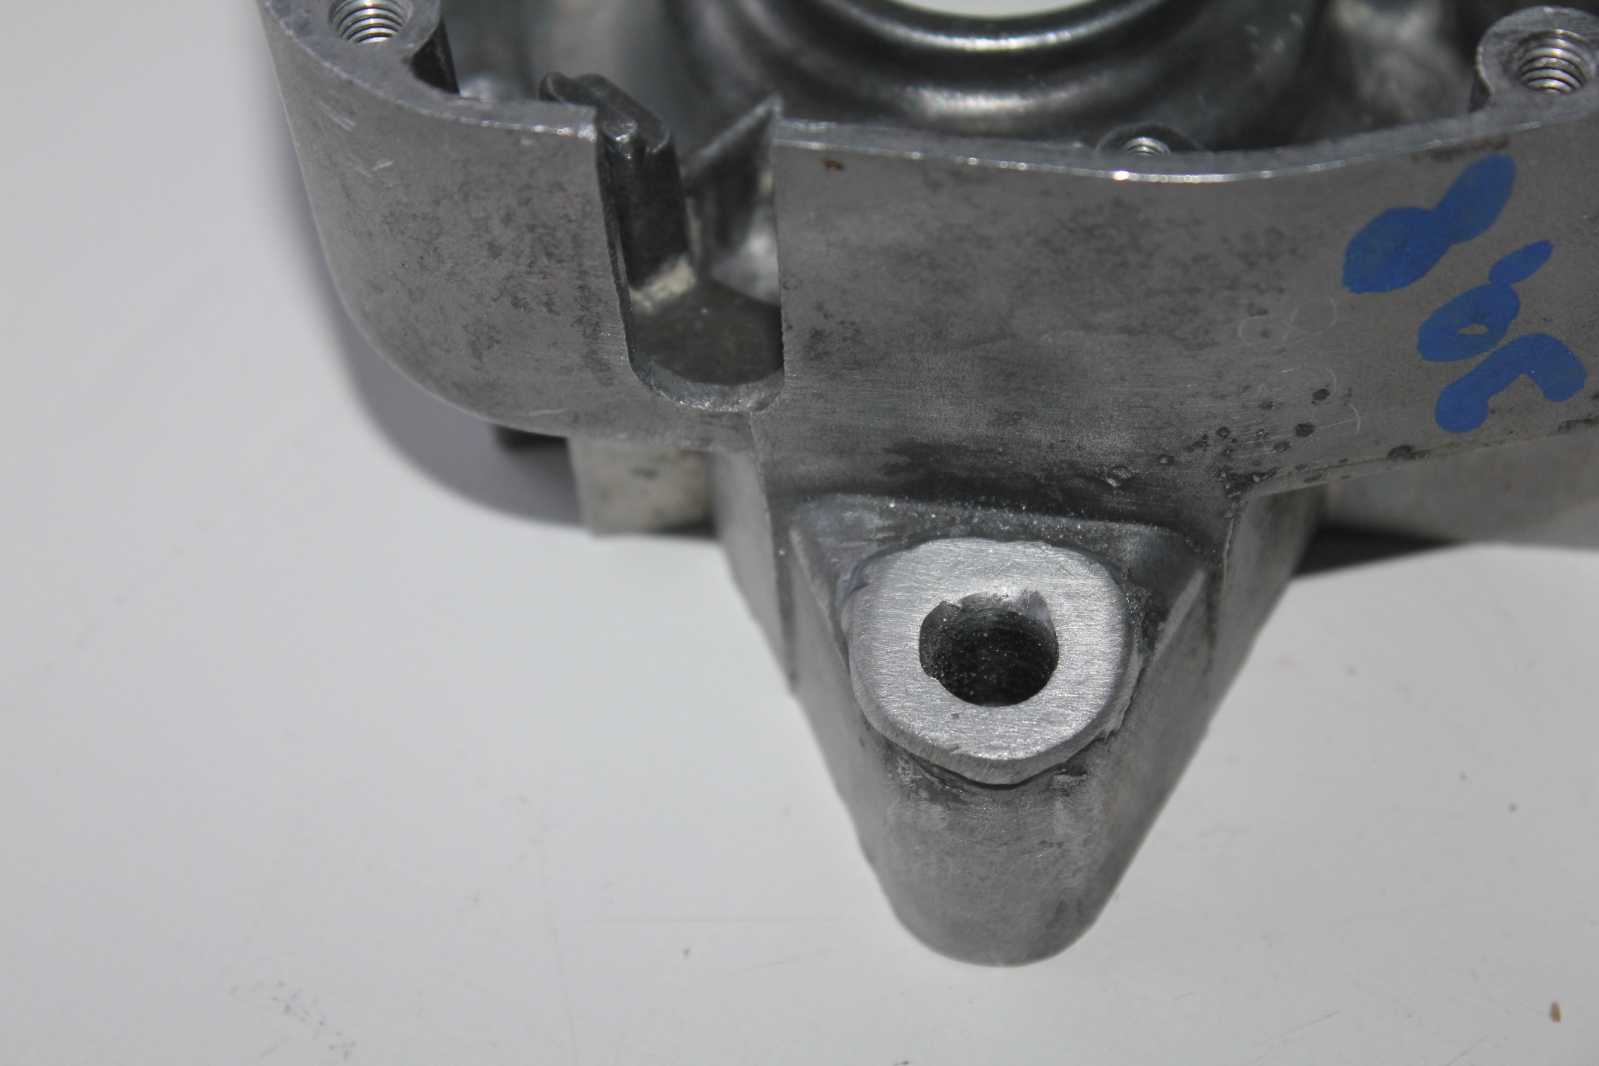 Mejoras en motores P3 P4 RV4 DL P6 K6... - Página 3 28rf9mp